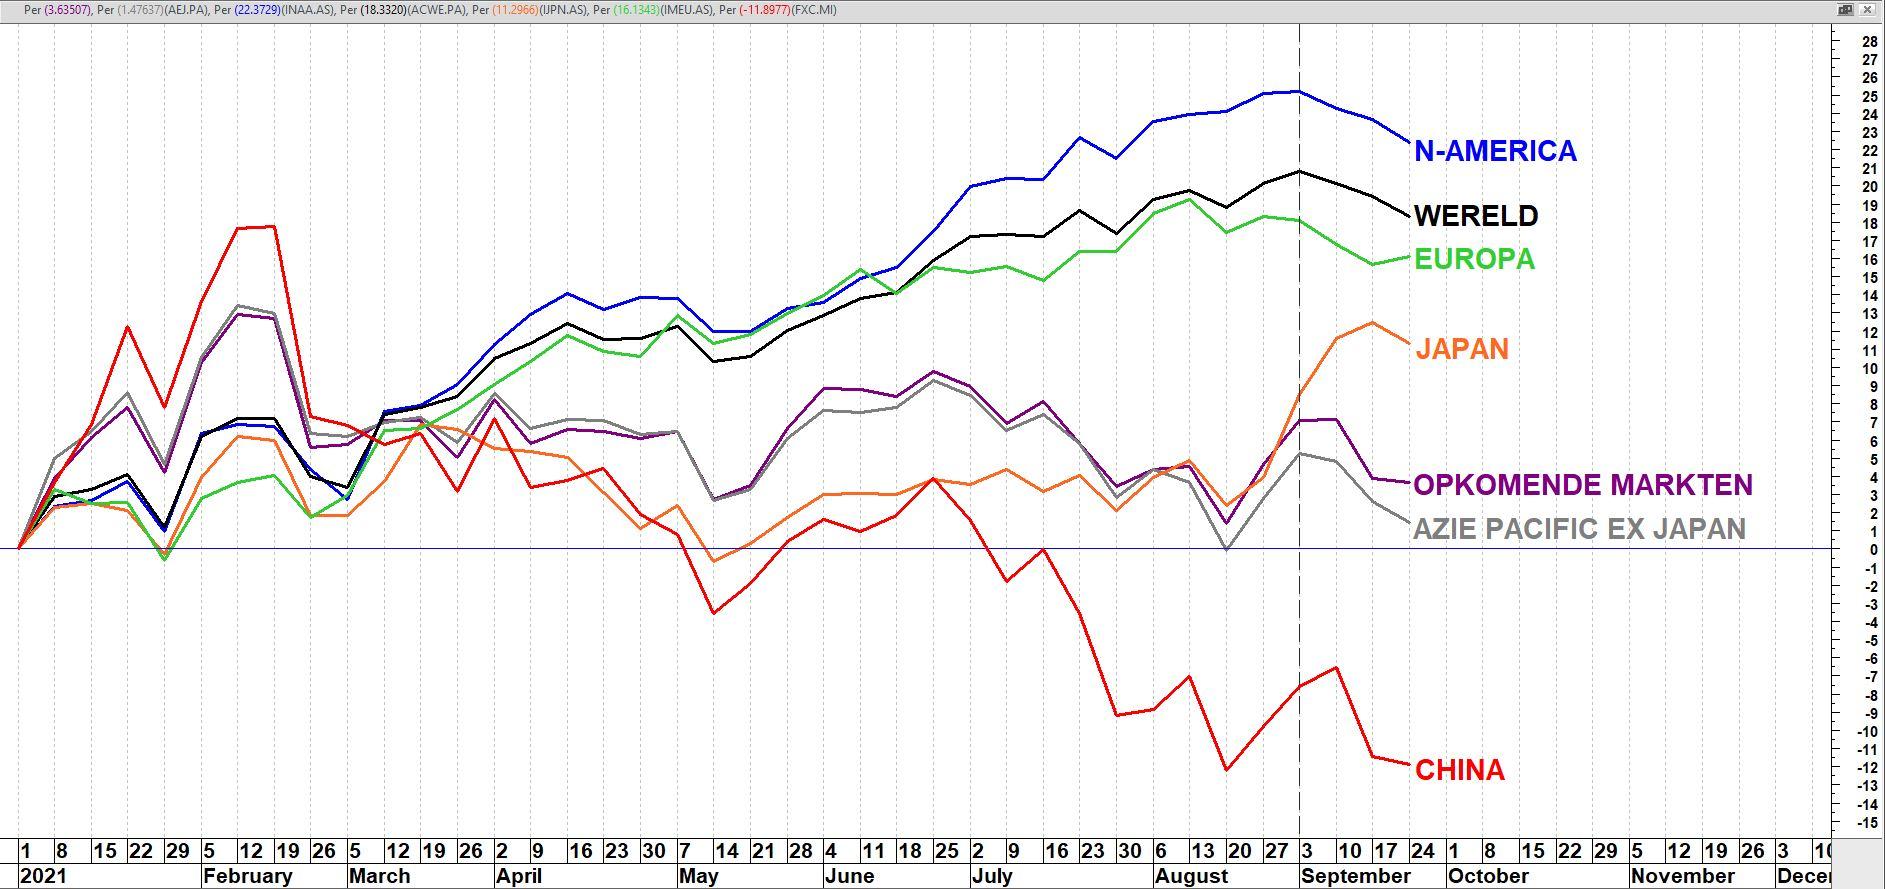 Regionale aandelentrackers genoteerd in euro's